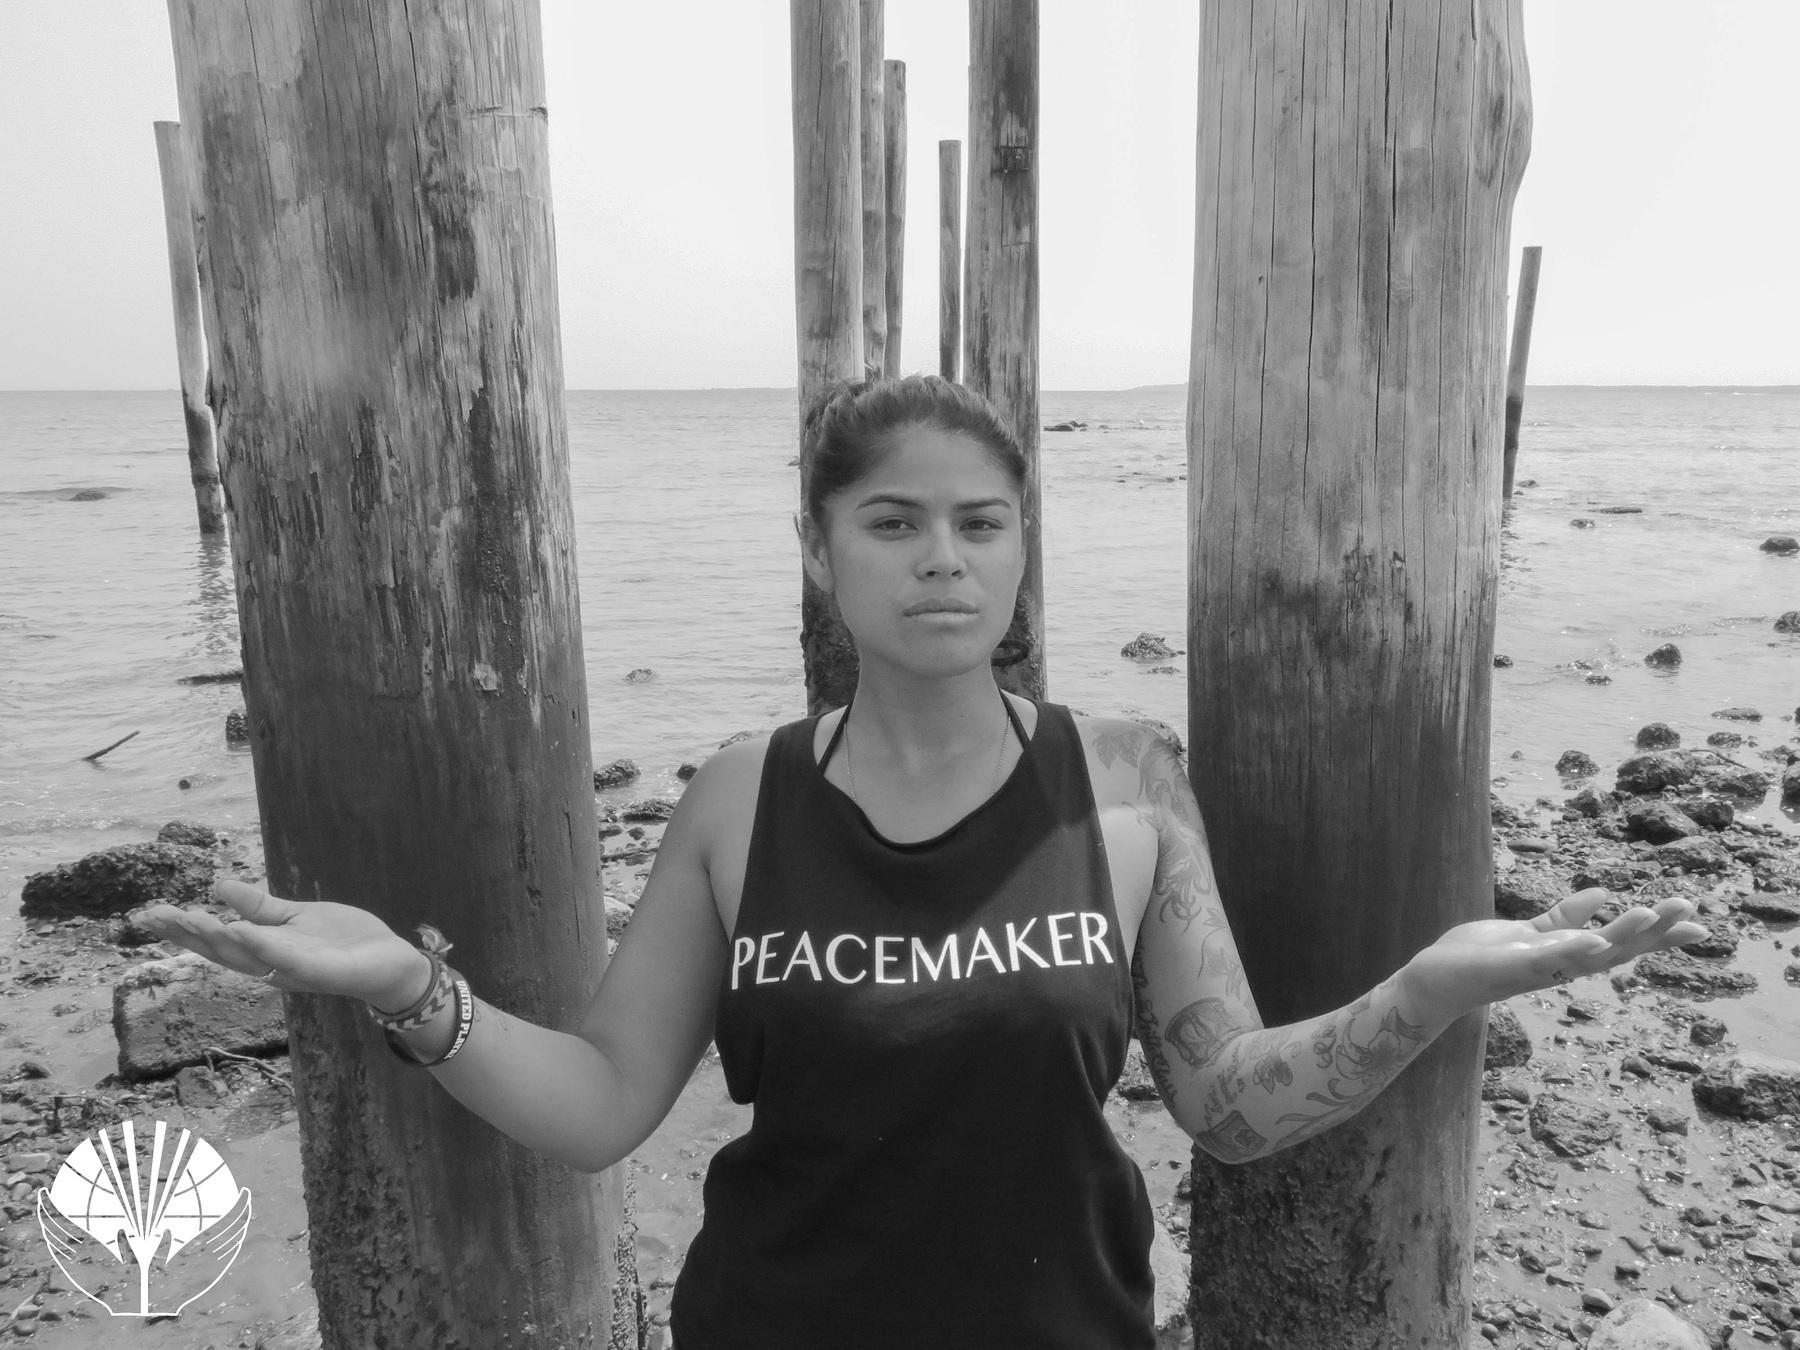 Peacemaker_1-2_copy